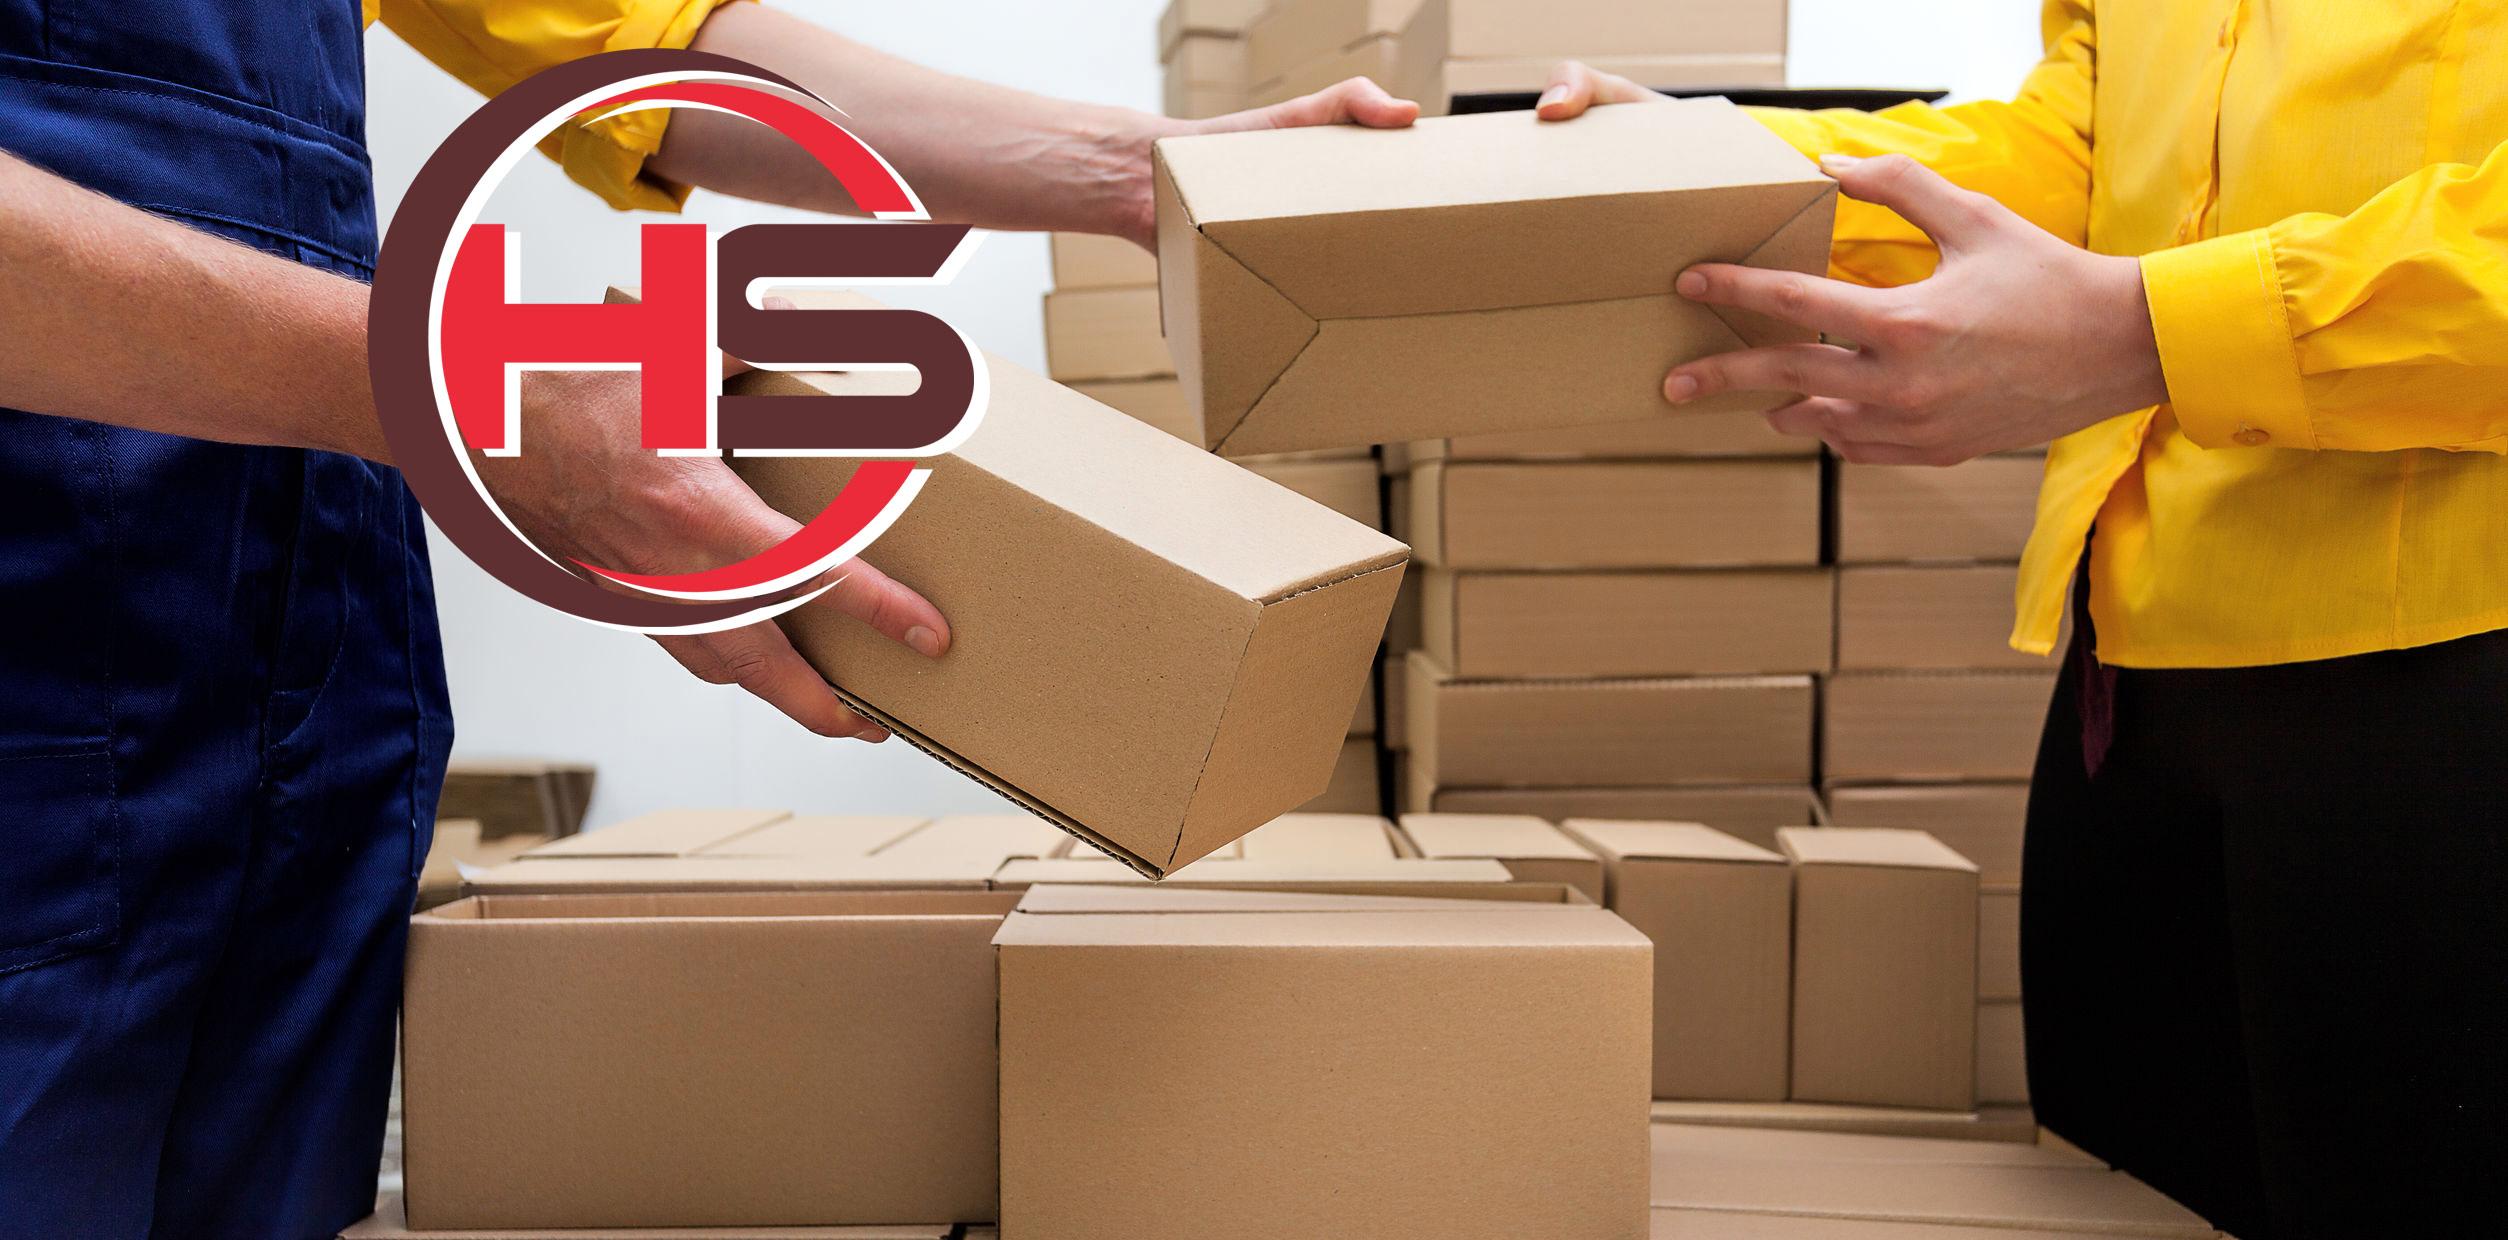 H-služby - skladování, balení, přebalování, doprava